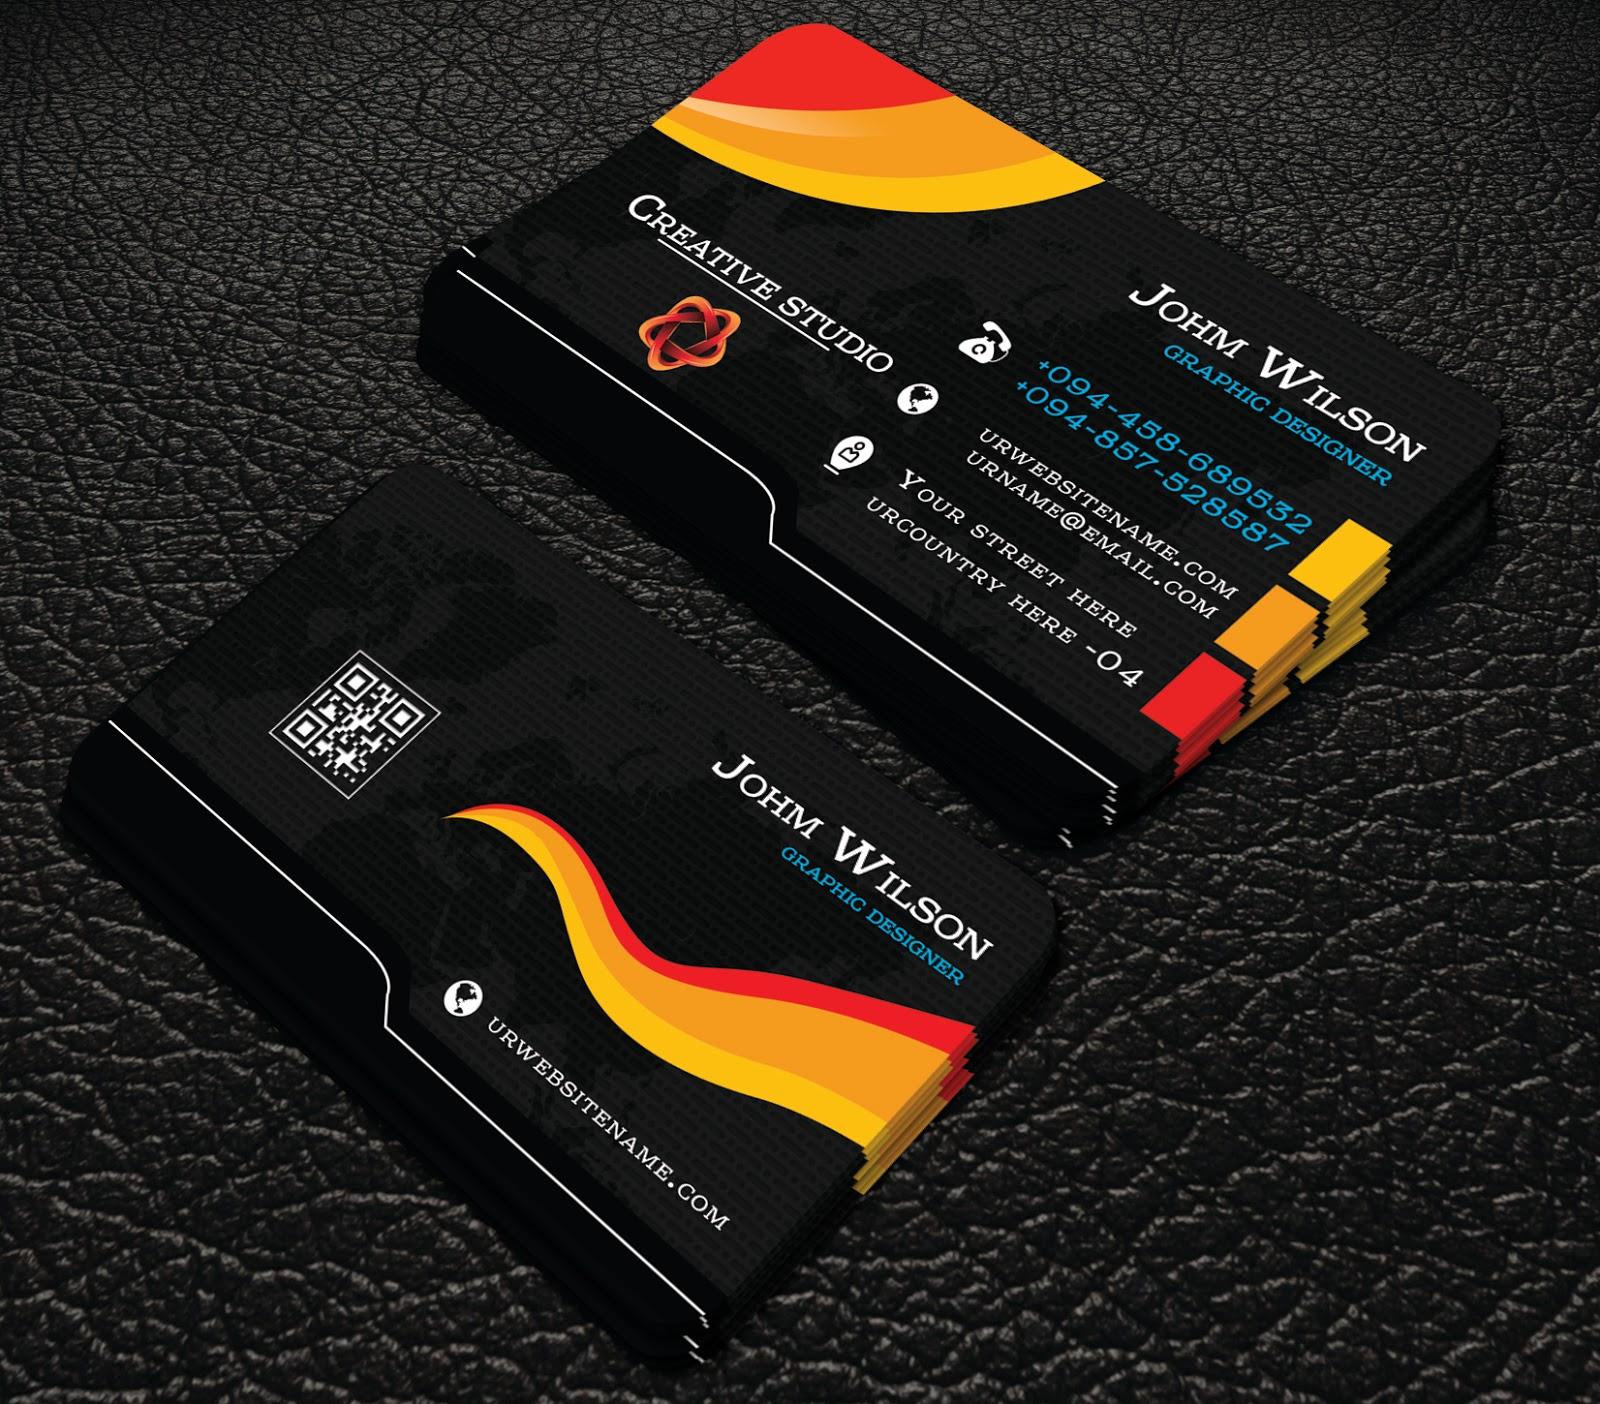 Quickbooks invoice templates professional business card templates free template professional business card templates flashek Images